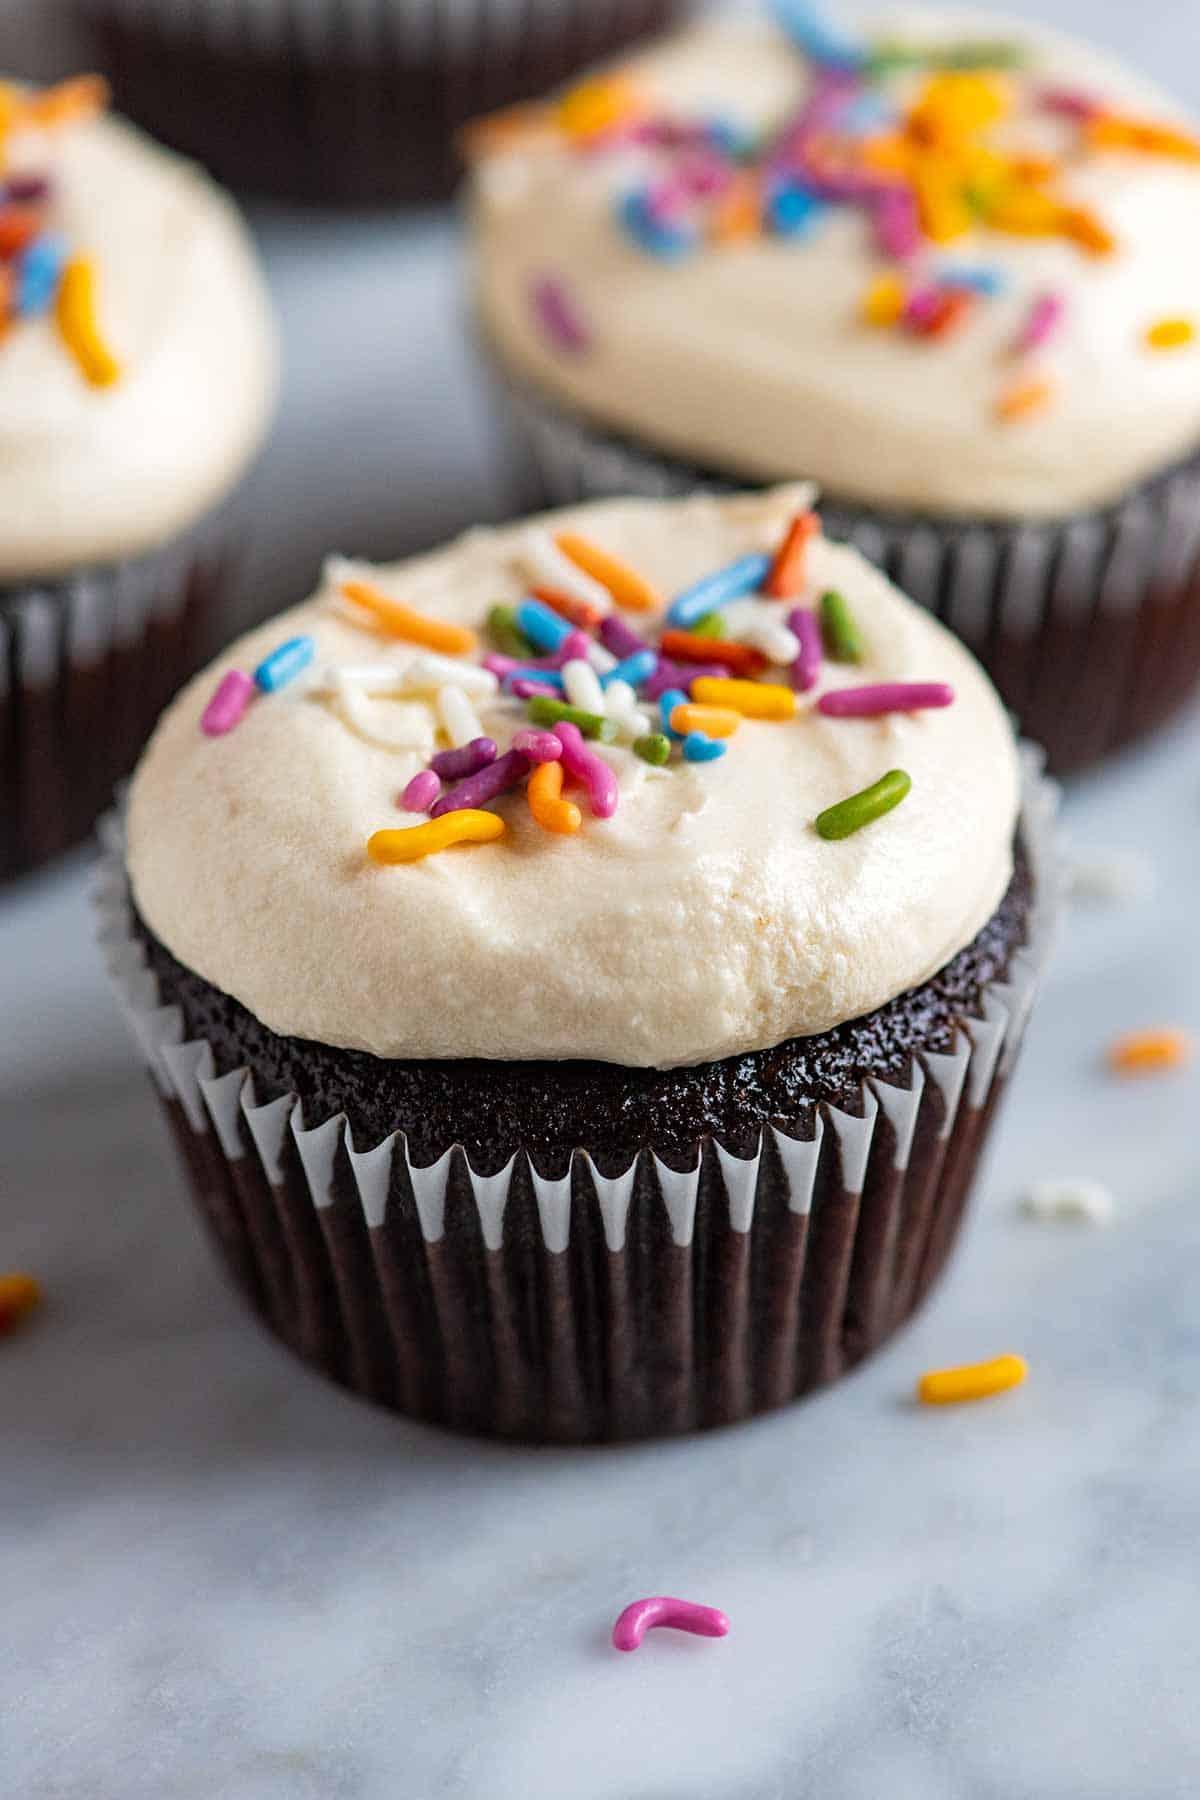 Cupcakes de chocolate sin huevo, sin lácteos y veganos.